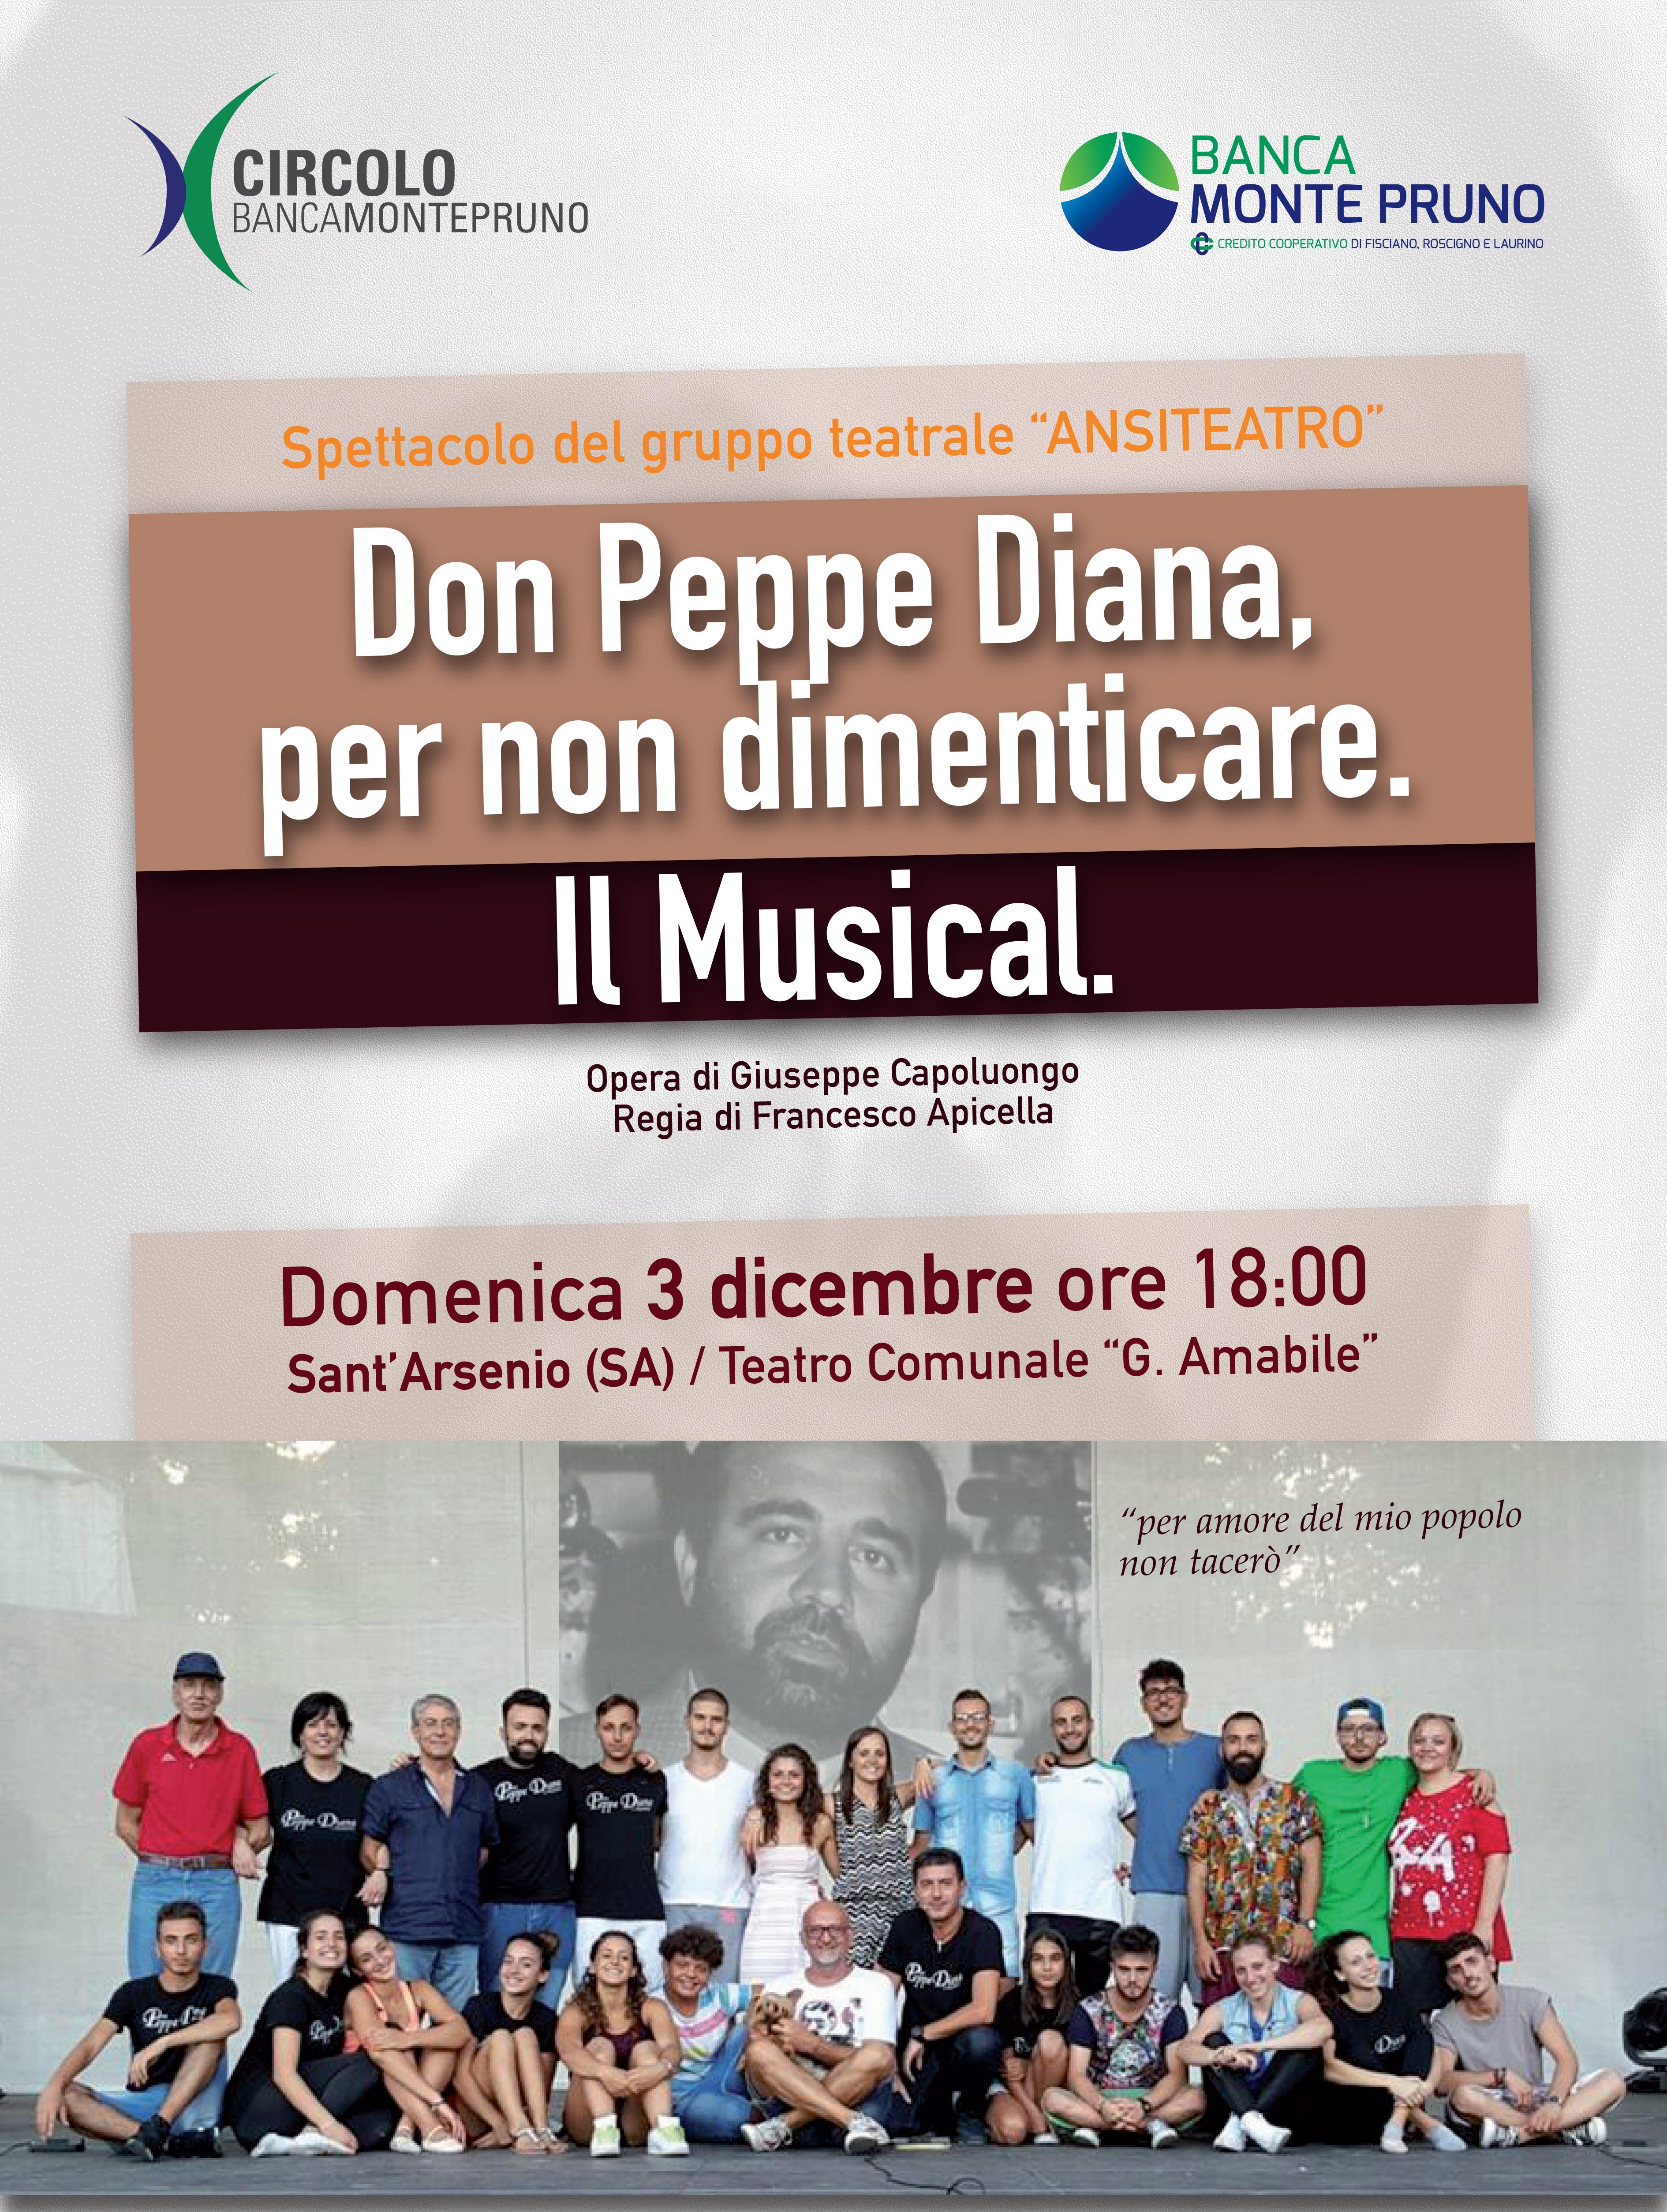 CIRCOLO LOC DIANA 1117 05